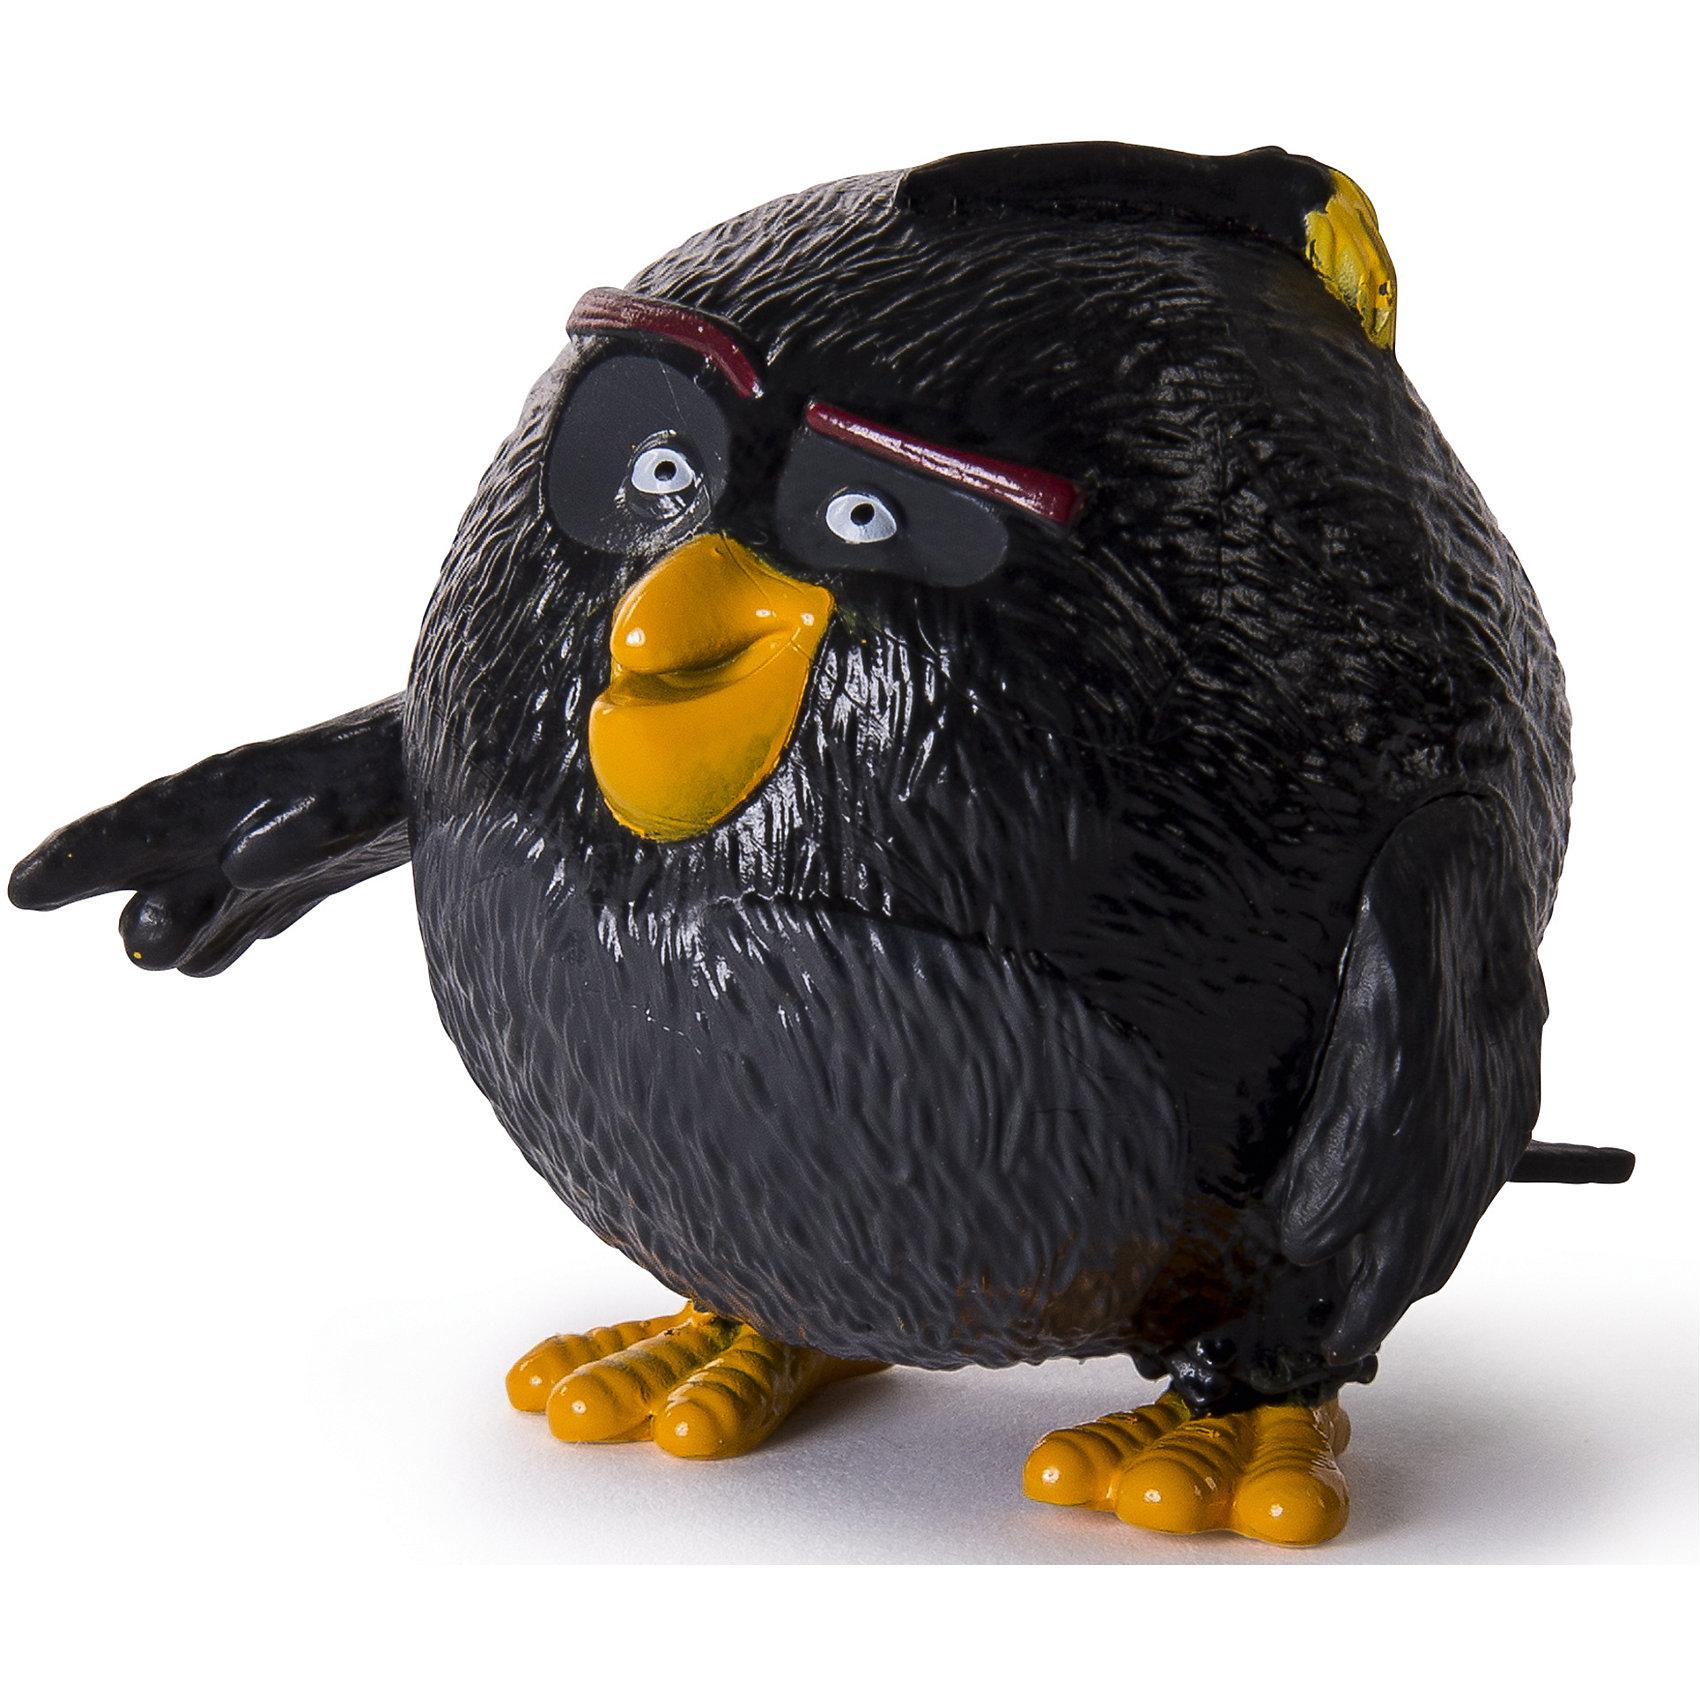 Коллекционная фигурка Бомб, Angry BirdsКоллекционные и игровые фигурки<br>Характеристики товара:<br><br>• возраст от 3 лет;<br>• материал: пластик;<br>• высота фигурки 5 см;<br>• размер упаковки 15х16х4 см;<br>• вес упаковки 320 гр.;<br>• страна производитель: Китай.<br><br>Коллекционная фигурка «Бомб» Angry Birds — персонаж известной компьютерной игры Angry Birds, в которой злые птички сражаются со смешными зелеными поросятами. Дети могут собрать целую коллекцию популярных персонажей, а также придумать с ними сюжеты для игры. Игрушка изготовлена из качественного пластика.<br><br>Коллекционную фигурку «Бомб» Angry Birds можно приобрести в нашем интернет-магазине.<br><br>Ширина мм: 131<br>Глубина мм: 123<br>Высота мм: 45<br>Вес г: 23<br>Возраст от месяцев: 48<br>Возраст до месяцев: 96<br>Пол: Мужской<br>Возраст: Детский<br>SKU: 6741911